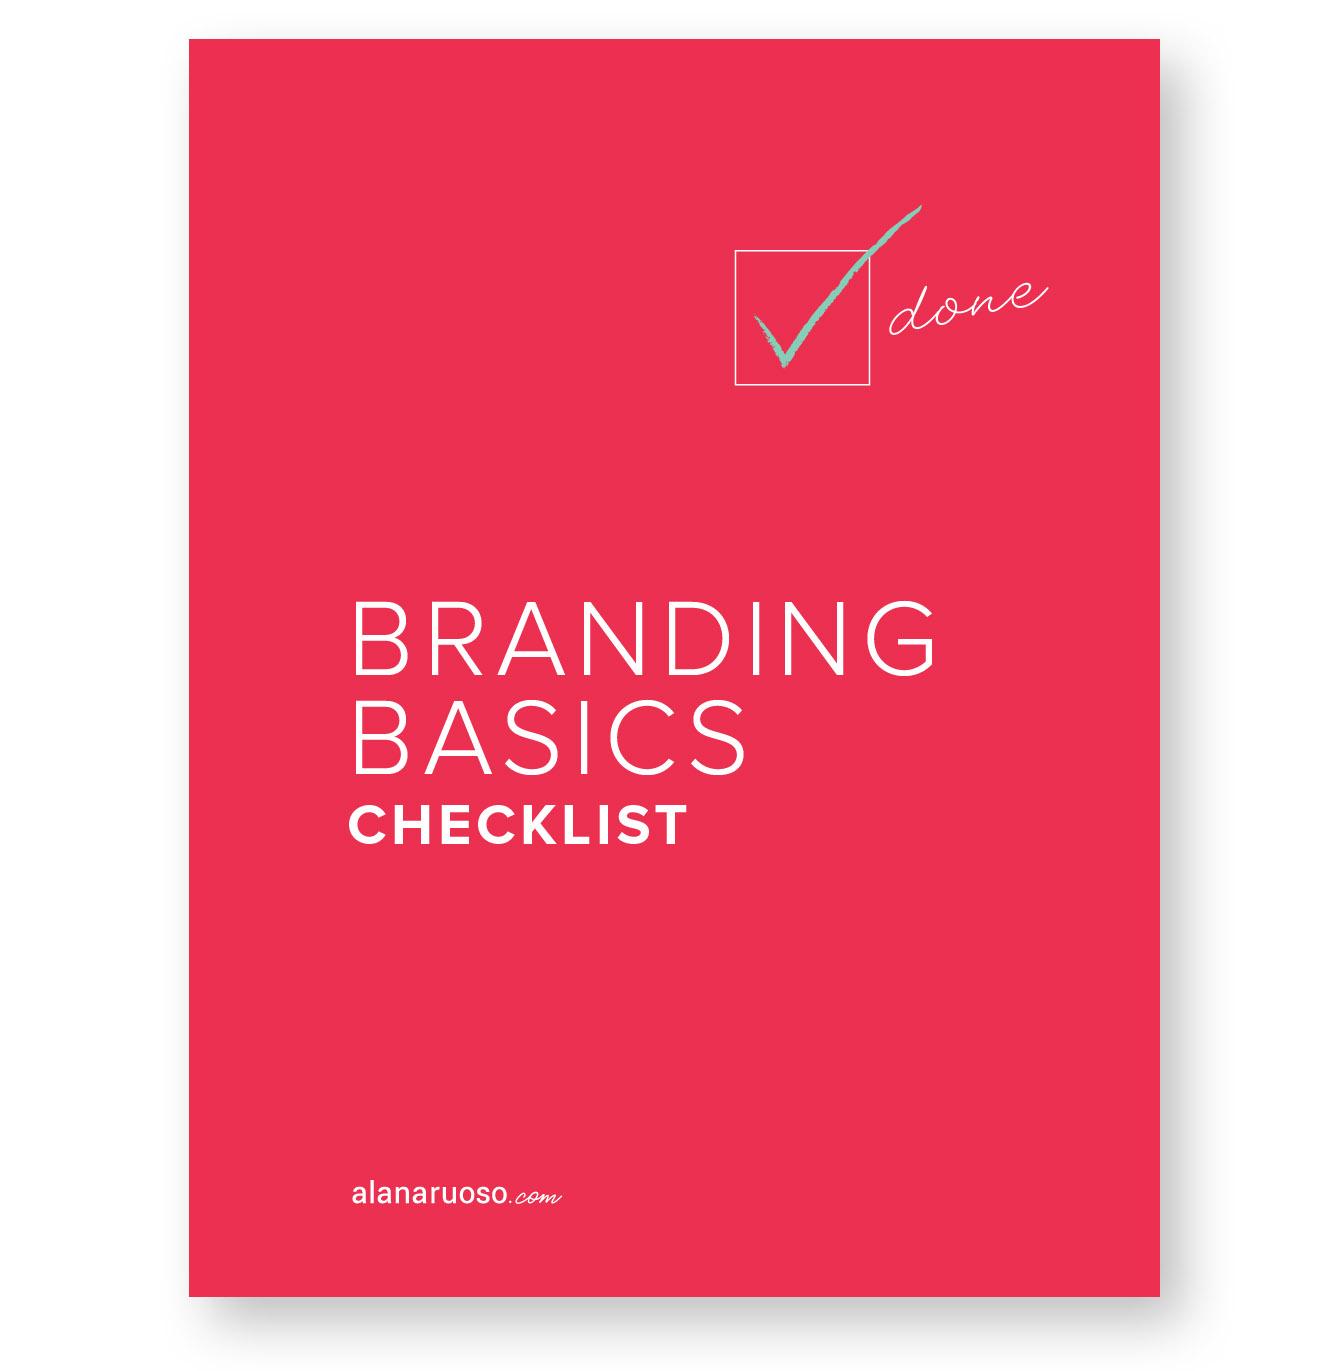 BrandingBasics.jpg